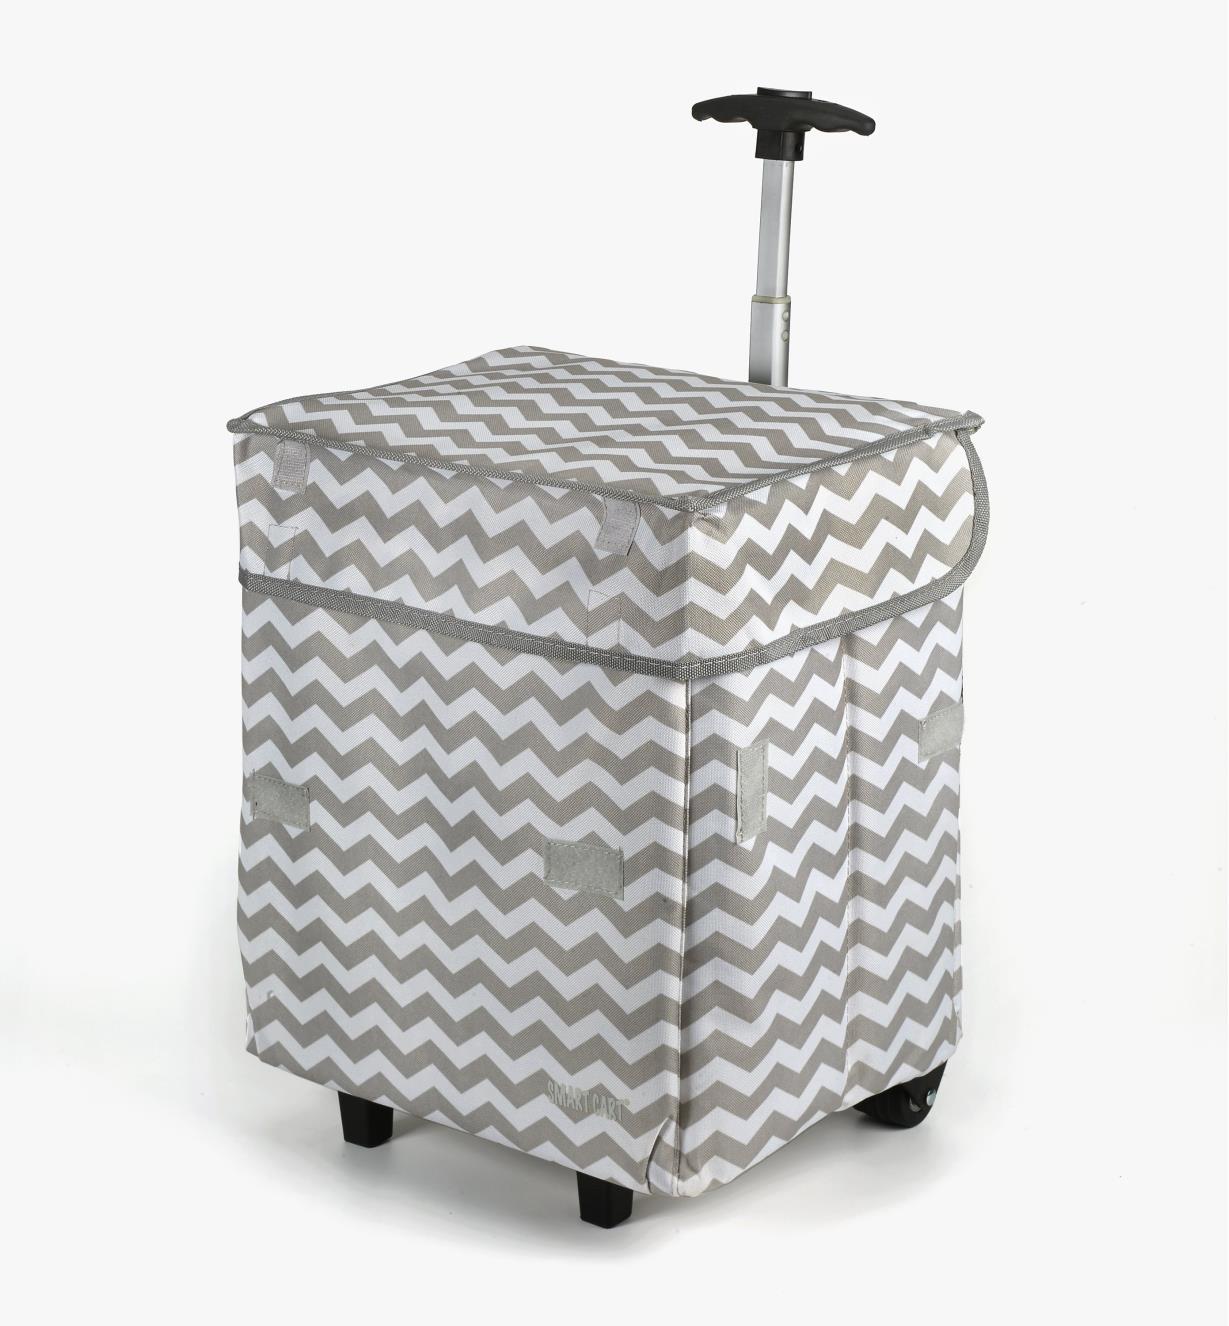 99W3939 - Smart Cart Cooler